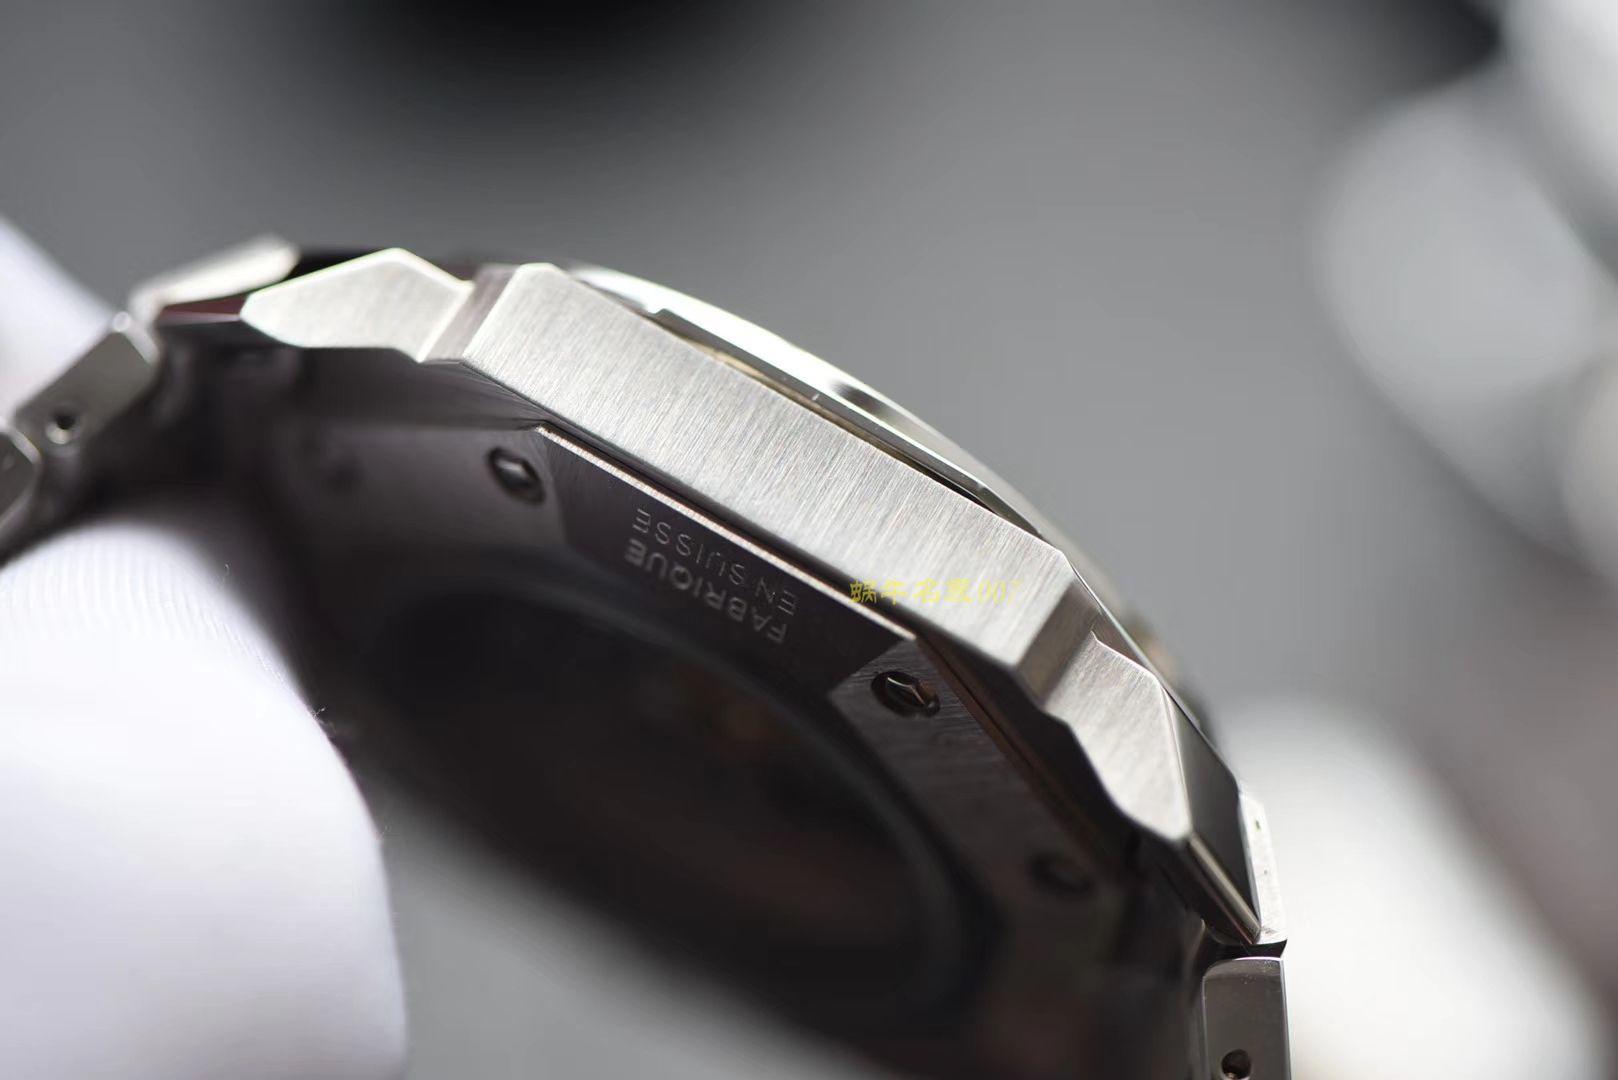 宝格丽OCTO系列102779 OC41C6SLD腕表【台湾厂高仿手表】 / BG026